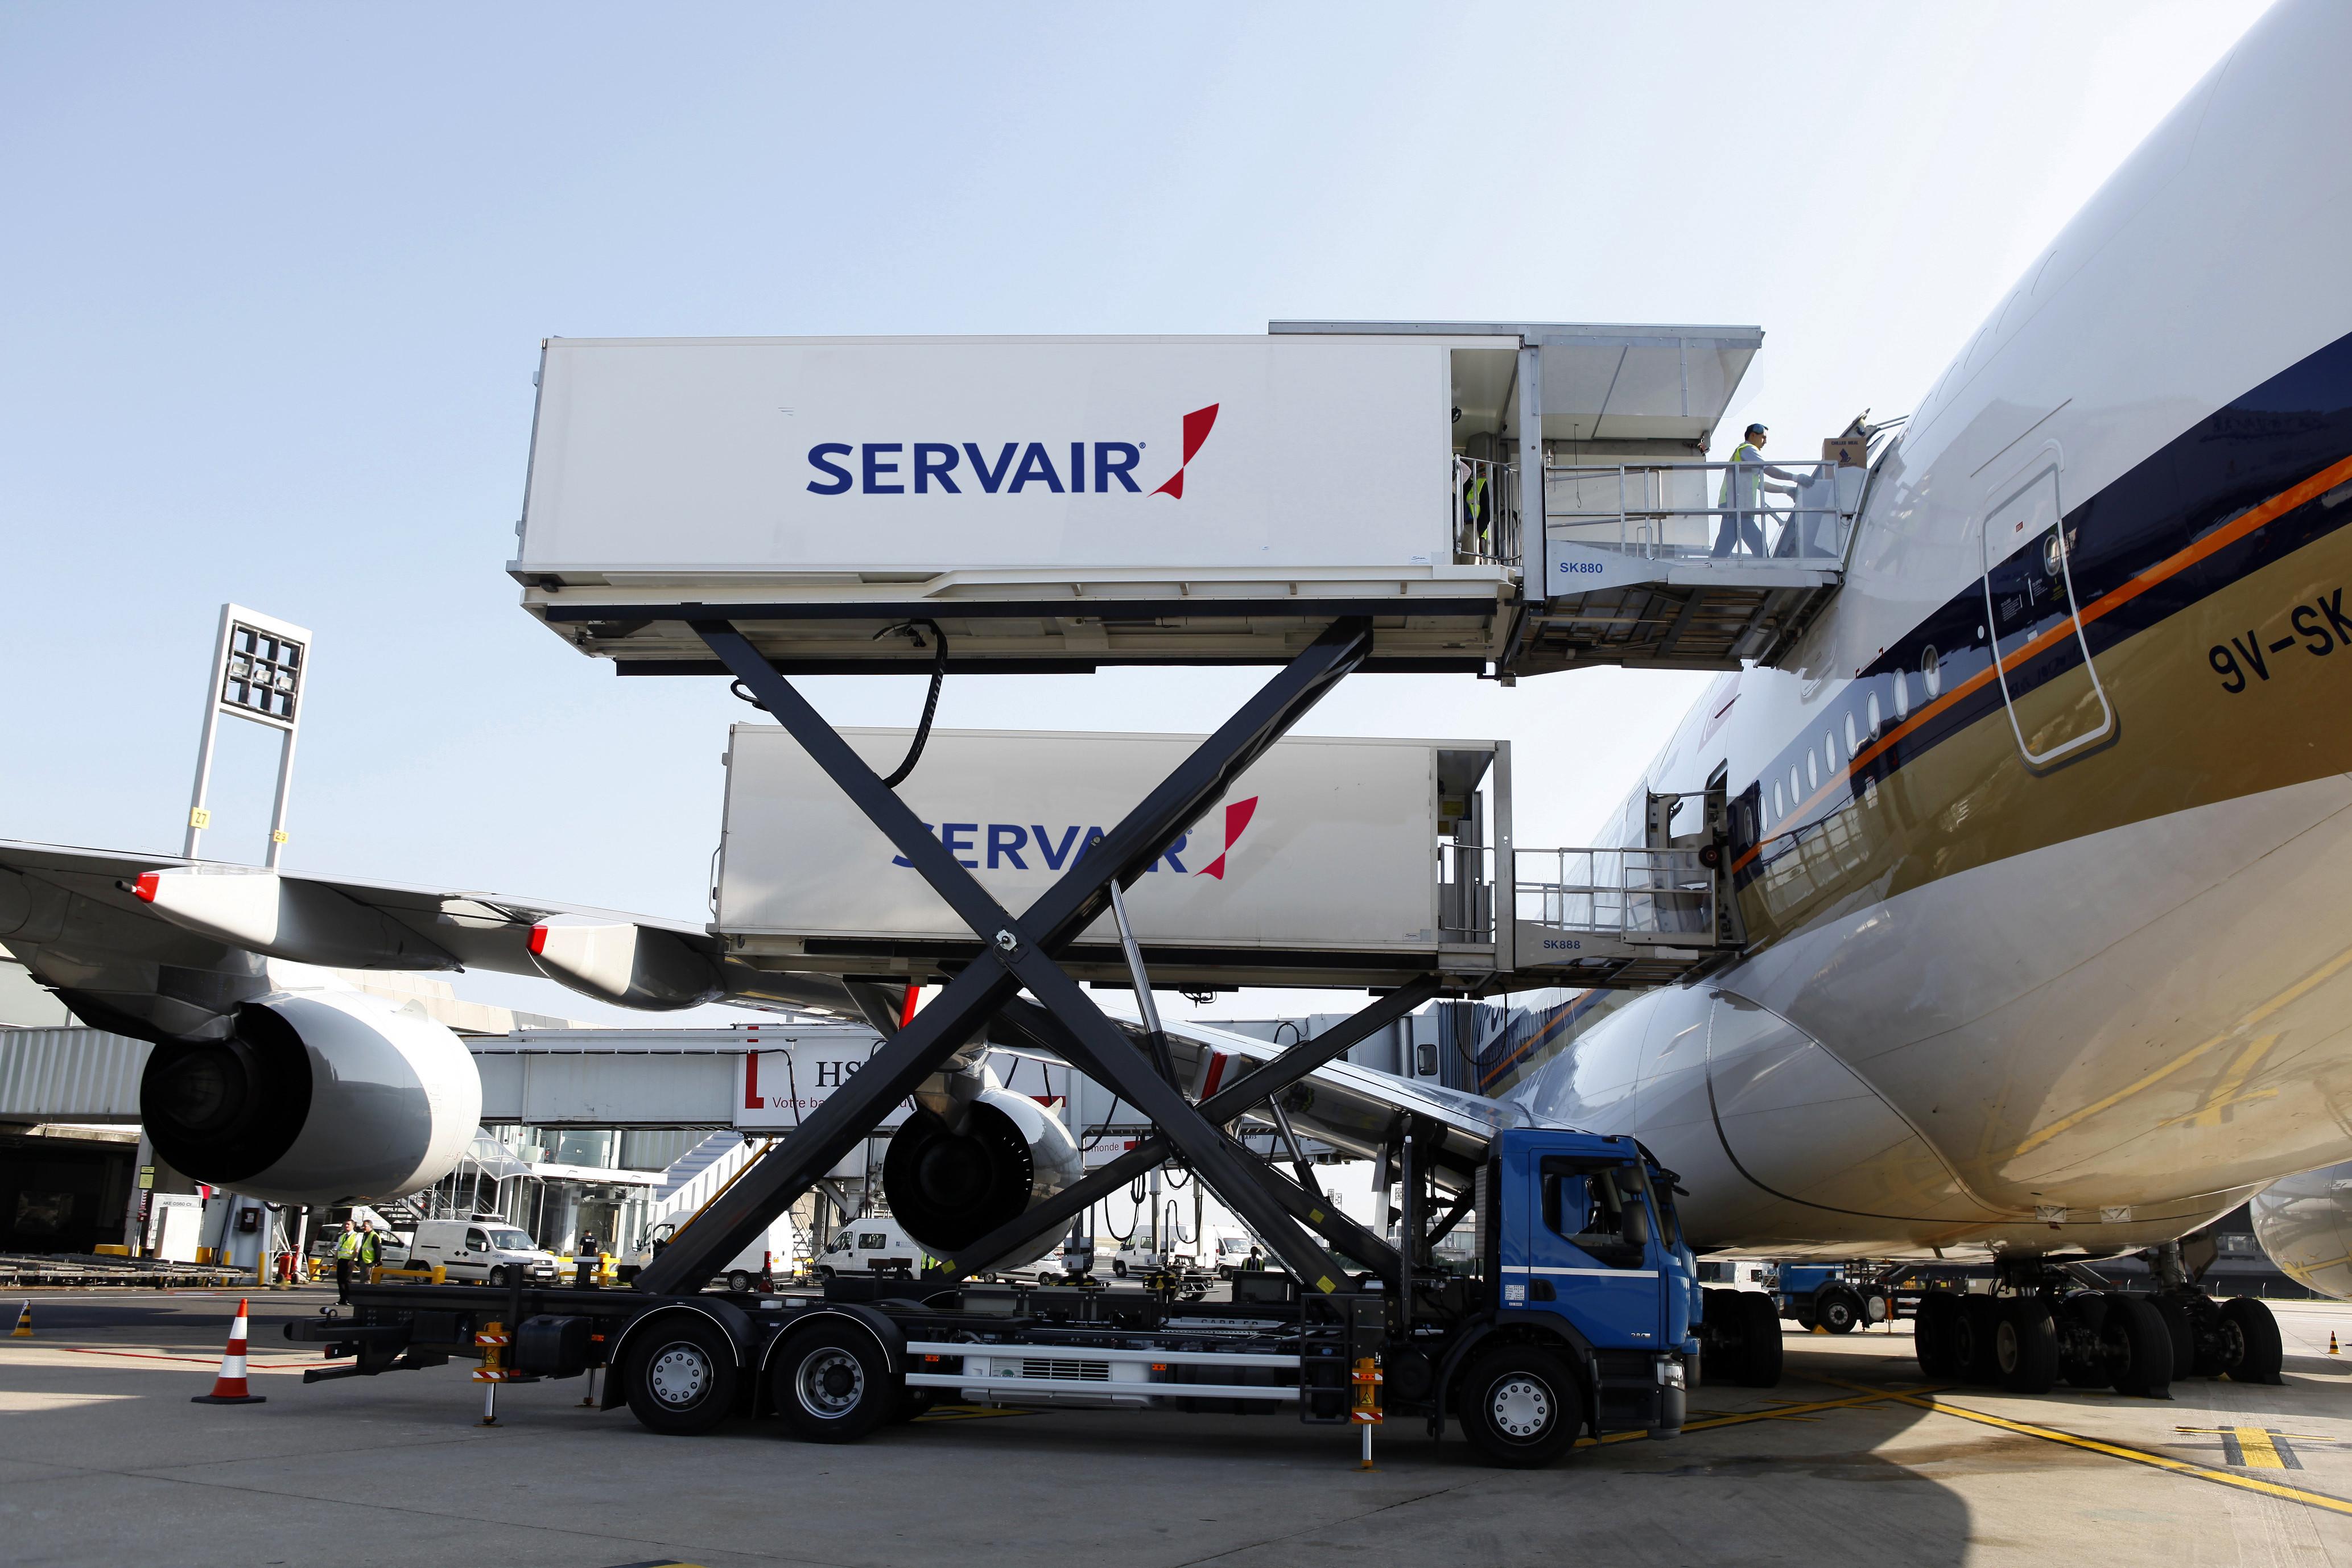 Membri din personalul aviatic dezvăluie câteva secrete din această industrie